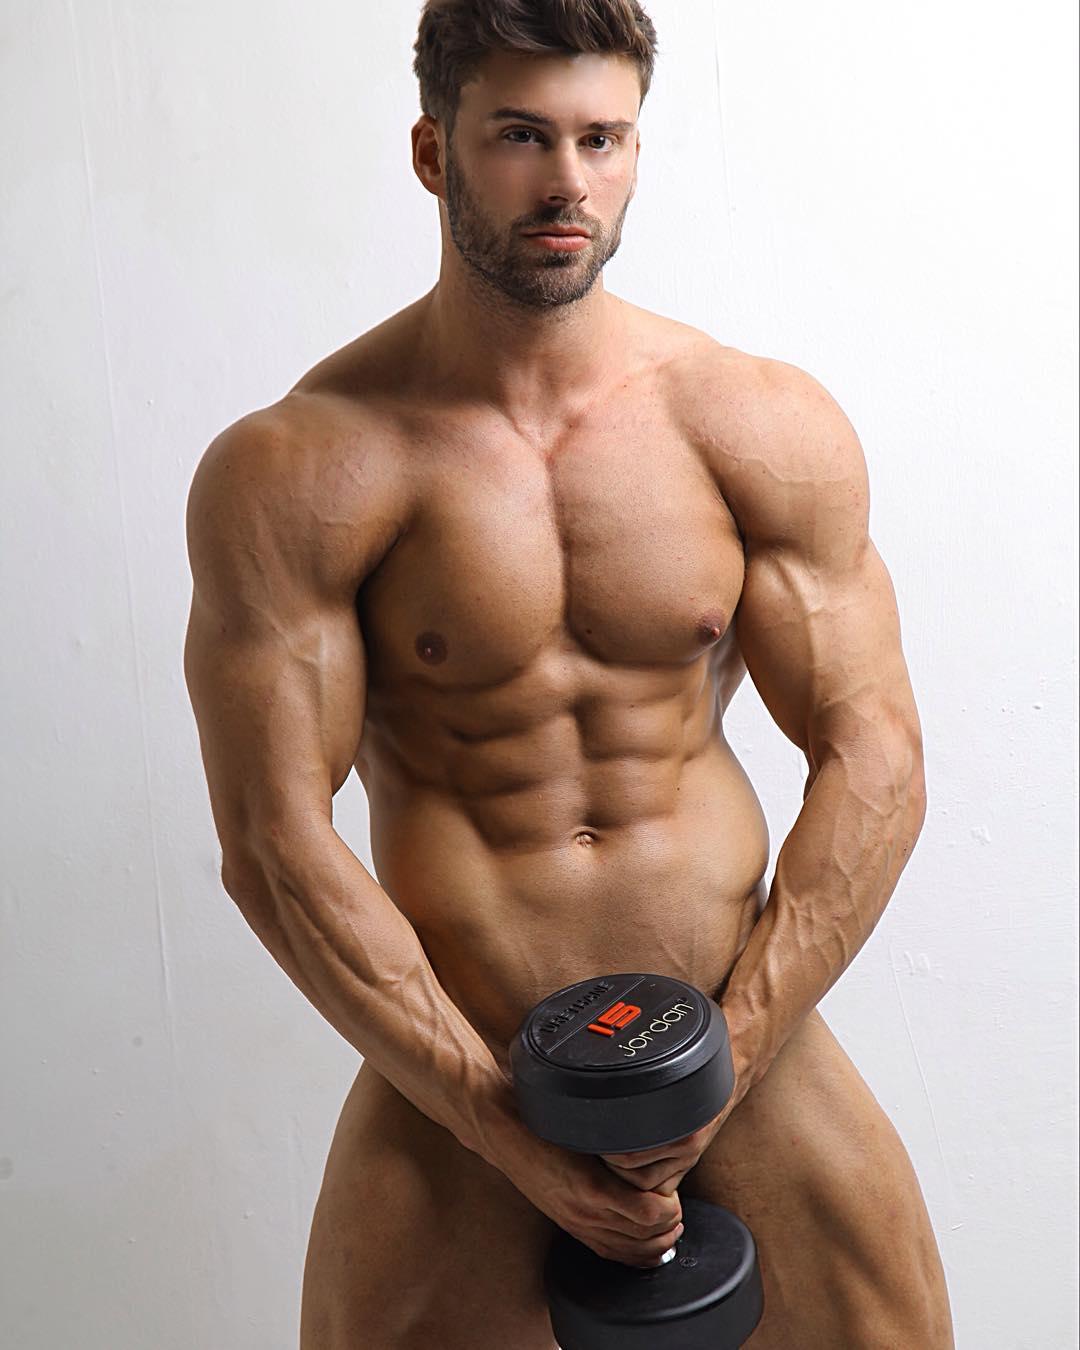 Liam Jolley Gay